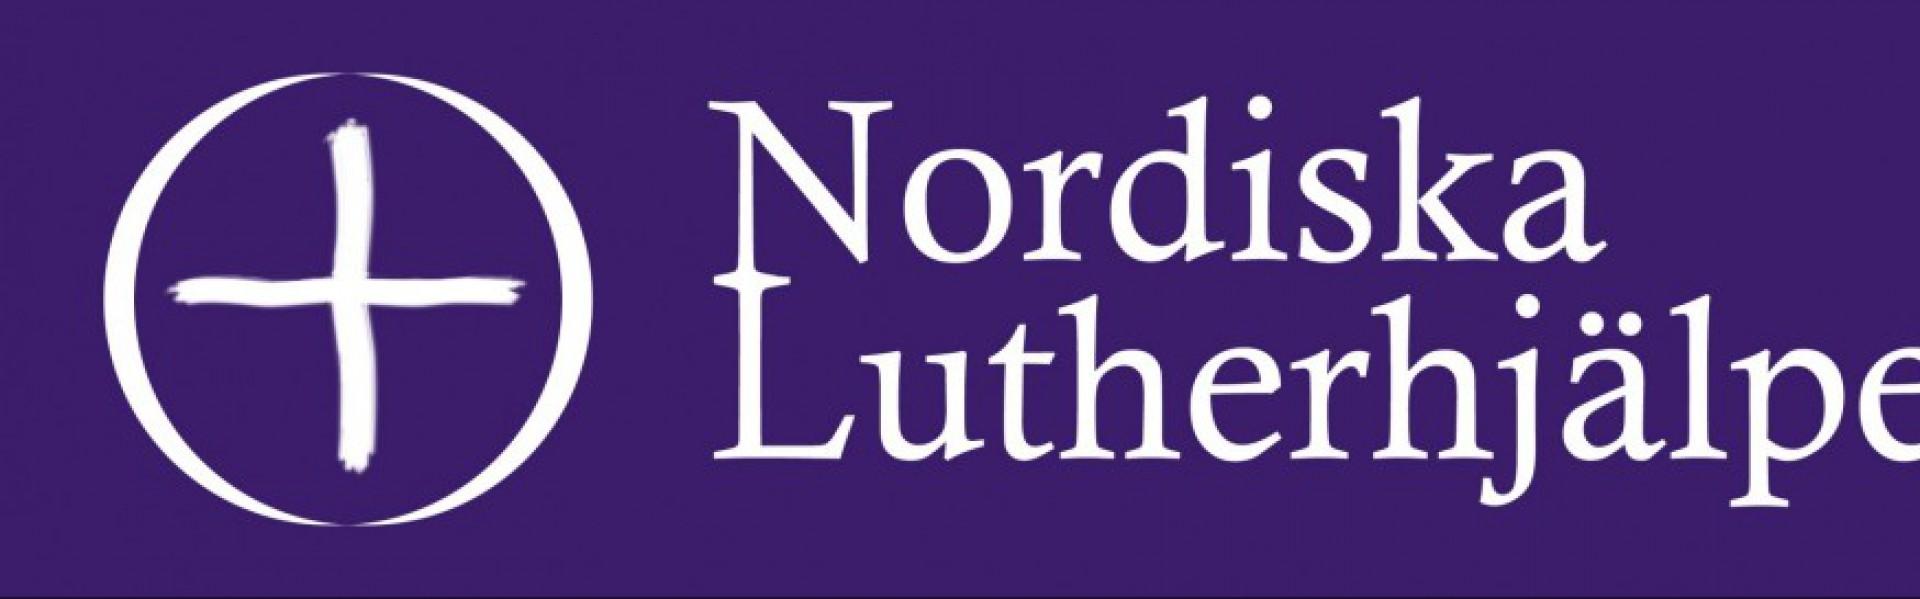 Nordiska Lutherhjälpen